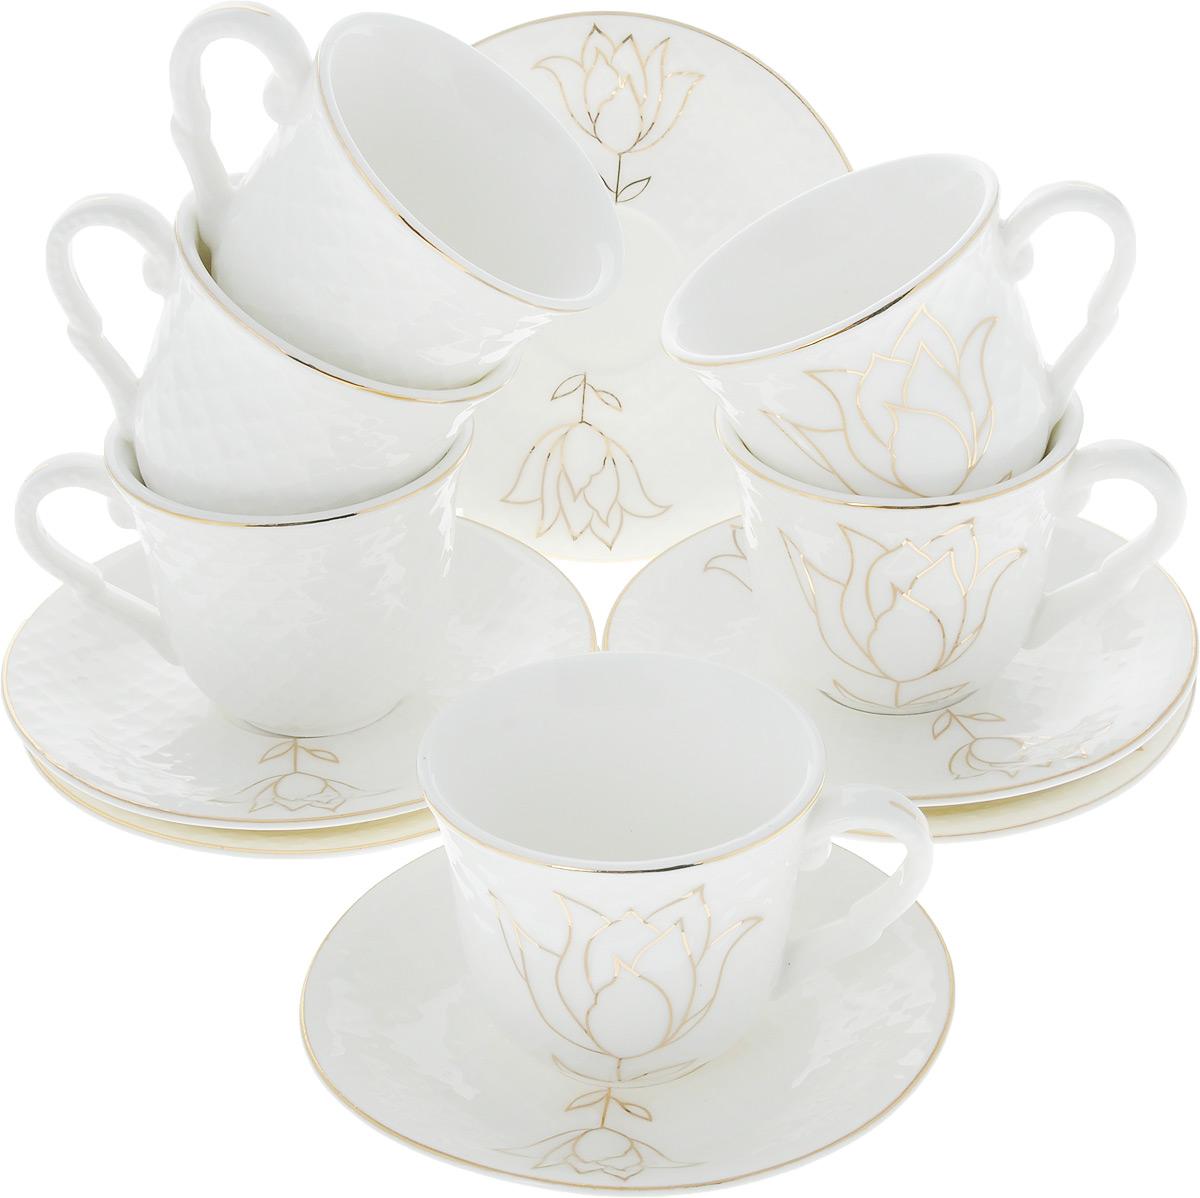 Сервиз кофейный Loraine, 12 предметов. 2682426824Кофейный сервиз Loraine на 6 персон выполнен из высококачественного костяного фарфора - материала, безопасного для здоровья и надолго сохраняющего тепло напитка. В наборе 6 чашек и 6 блюдец. Несмотря на свою внешнюю хрупкость, каждый из предметов набора обладает высокой прочностью и надежностью. Изделия украшены тонкой золотой каймой, внешние стенки дополнены рельефным узором и изображением цветка. Элегантный классический дизайн сделает этот набор изысканным украшением любого стола. Набор упакован в подарочную коробку, поэтому его можно преподнести в качестве оригинального и практичного подарка для родных и близких. Объем чашки: 90 мл. Диаметр чашки (по верхнему краю): 6,5 см. Высота чашки: 5,5 см. Диаметр блюдца: 11 см.